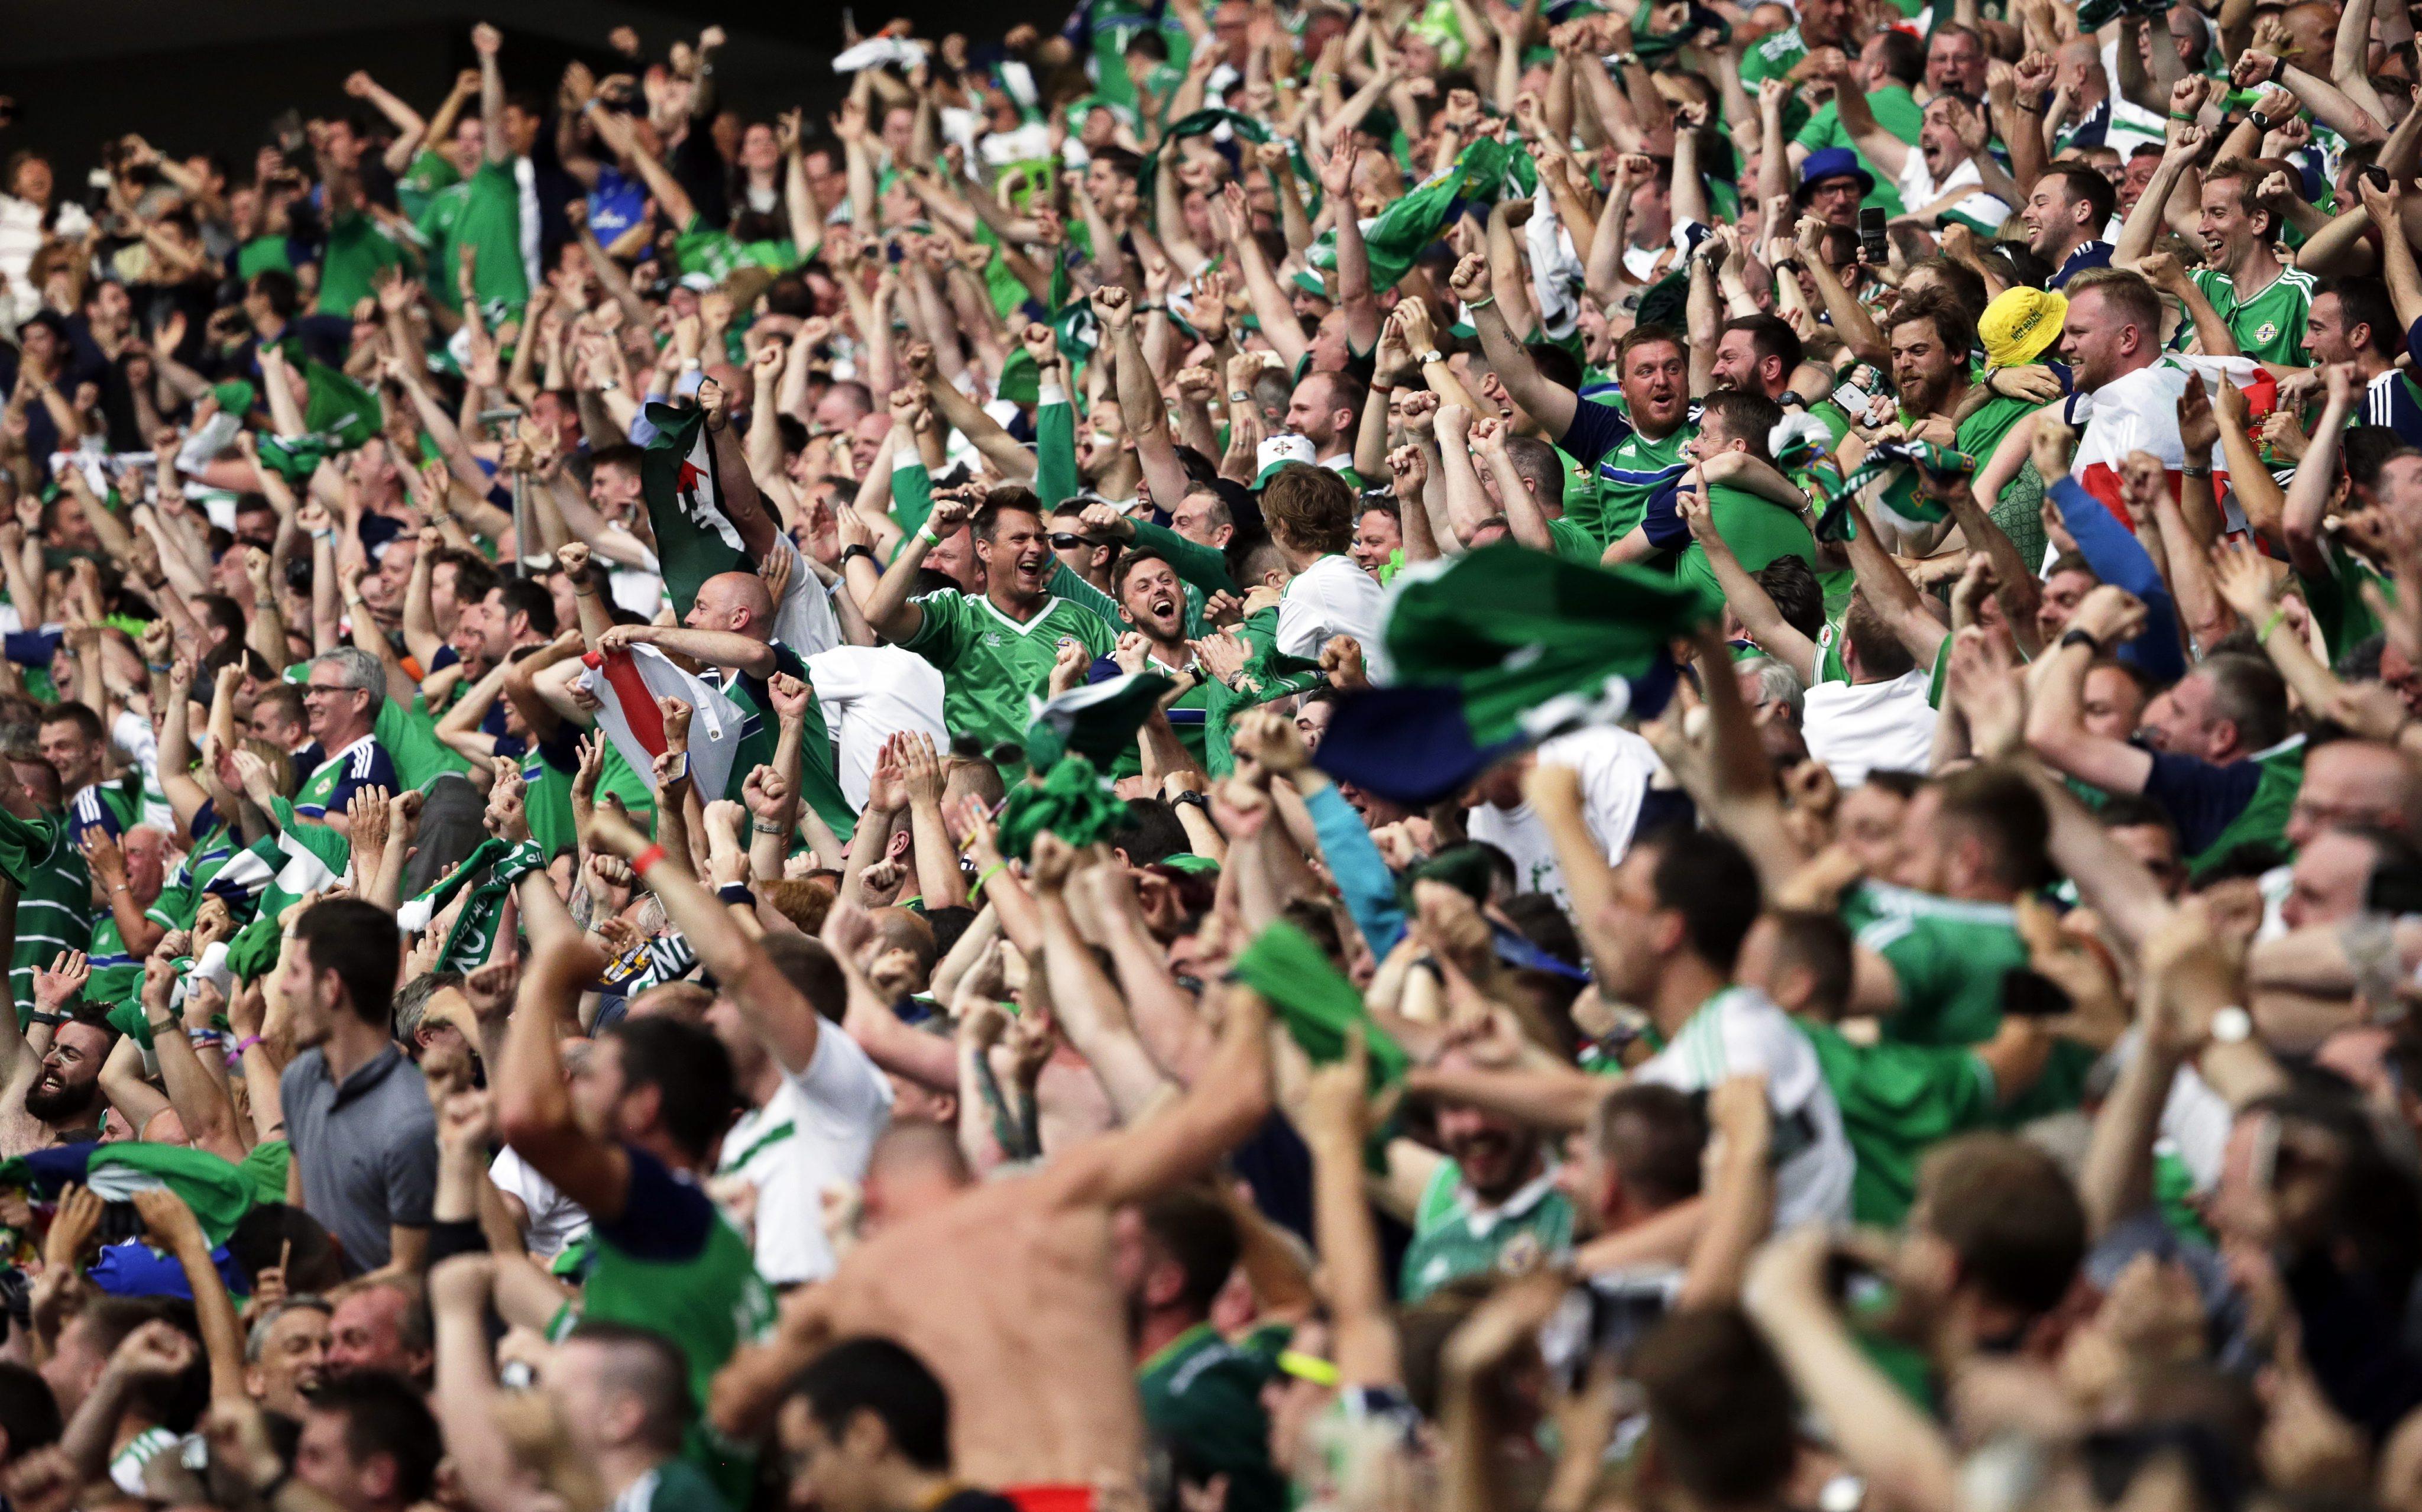 Noua tragedie la UEFA EURO 2016. Un suporter nord irlandez a murit pe stadion, la Lyon, in timpul meciului cu Ucraina